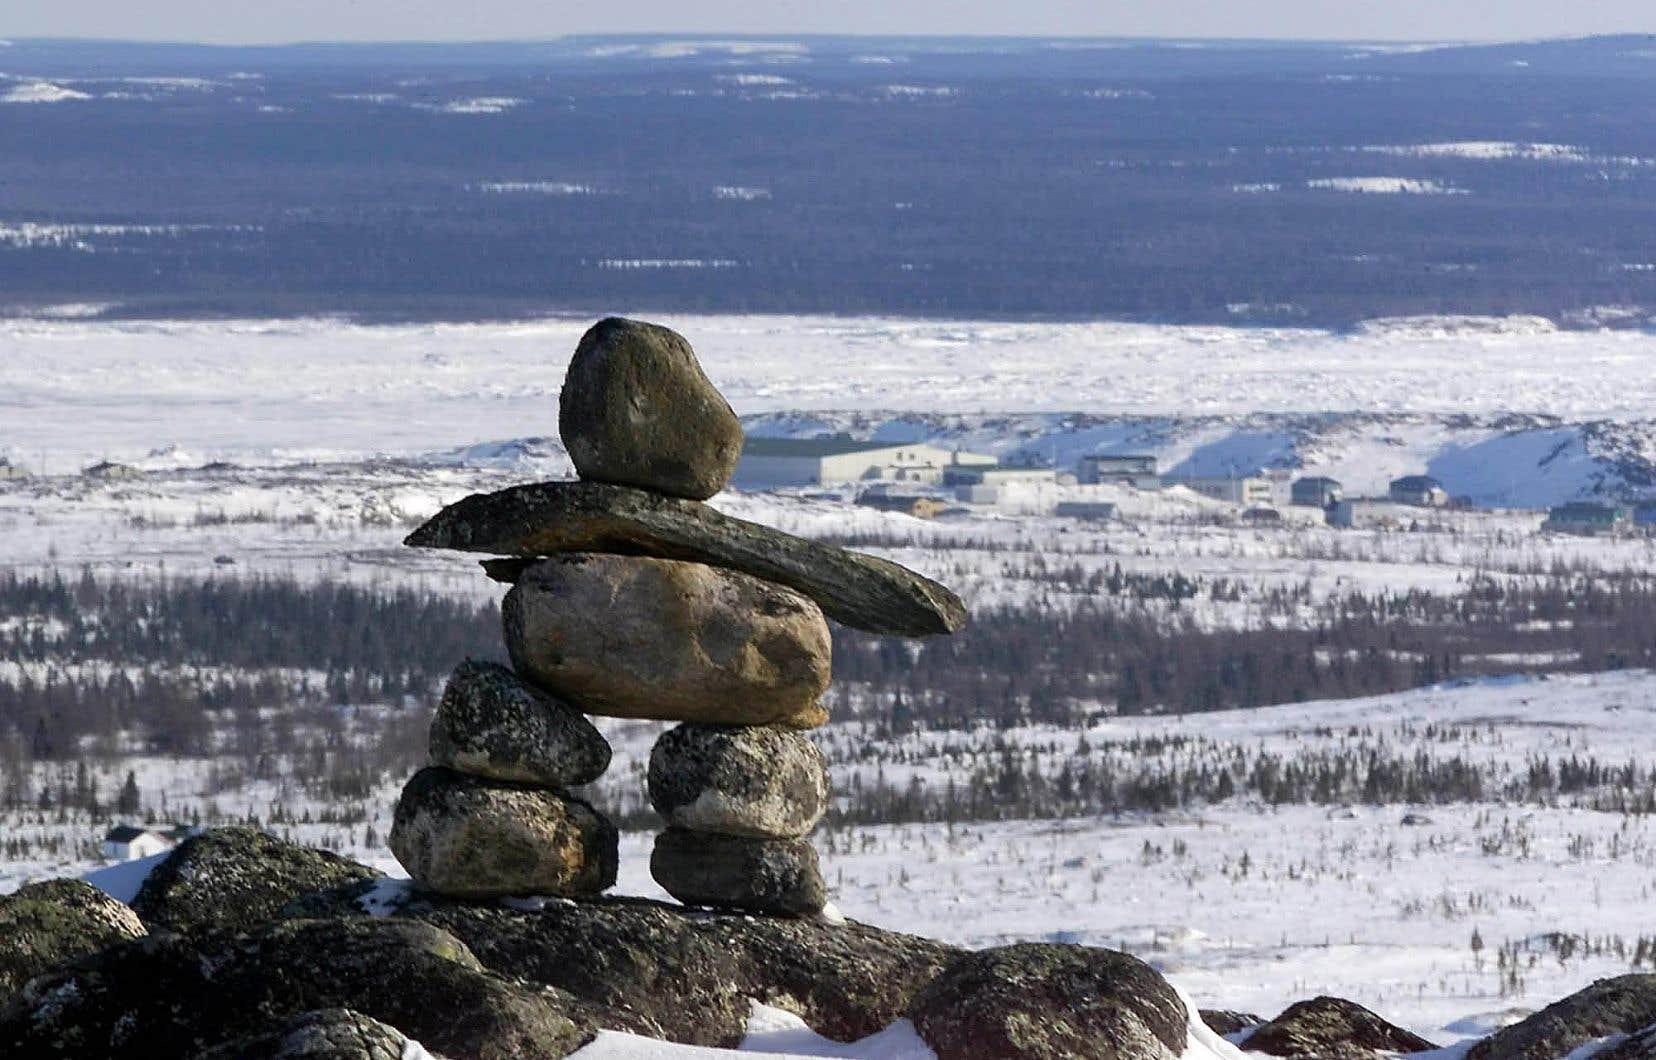 Les Inuits doivent passer de 30 à 60% plus de temps en prison avant d'être présentés à un juge, et ce, en raison de leur éloignement.